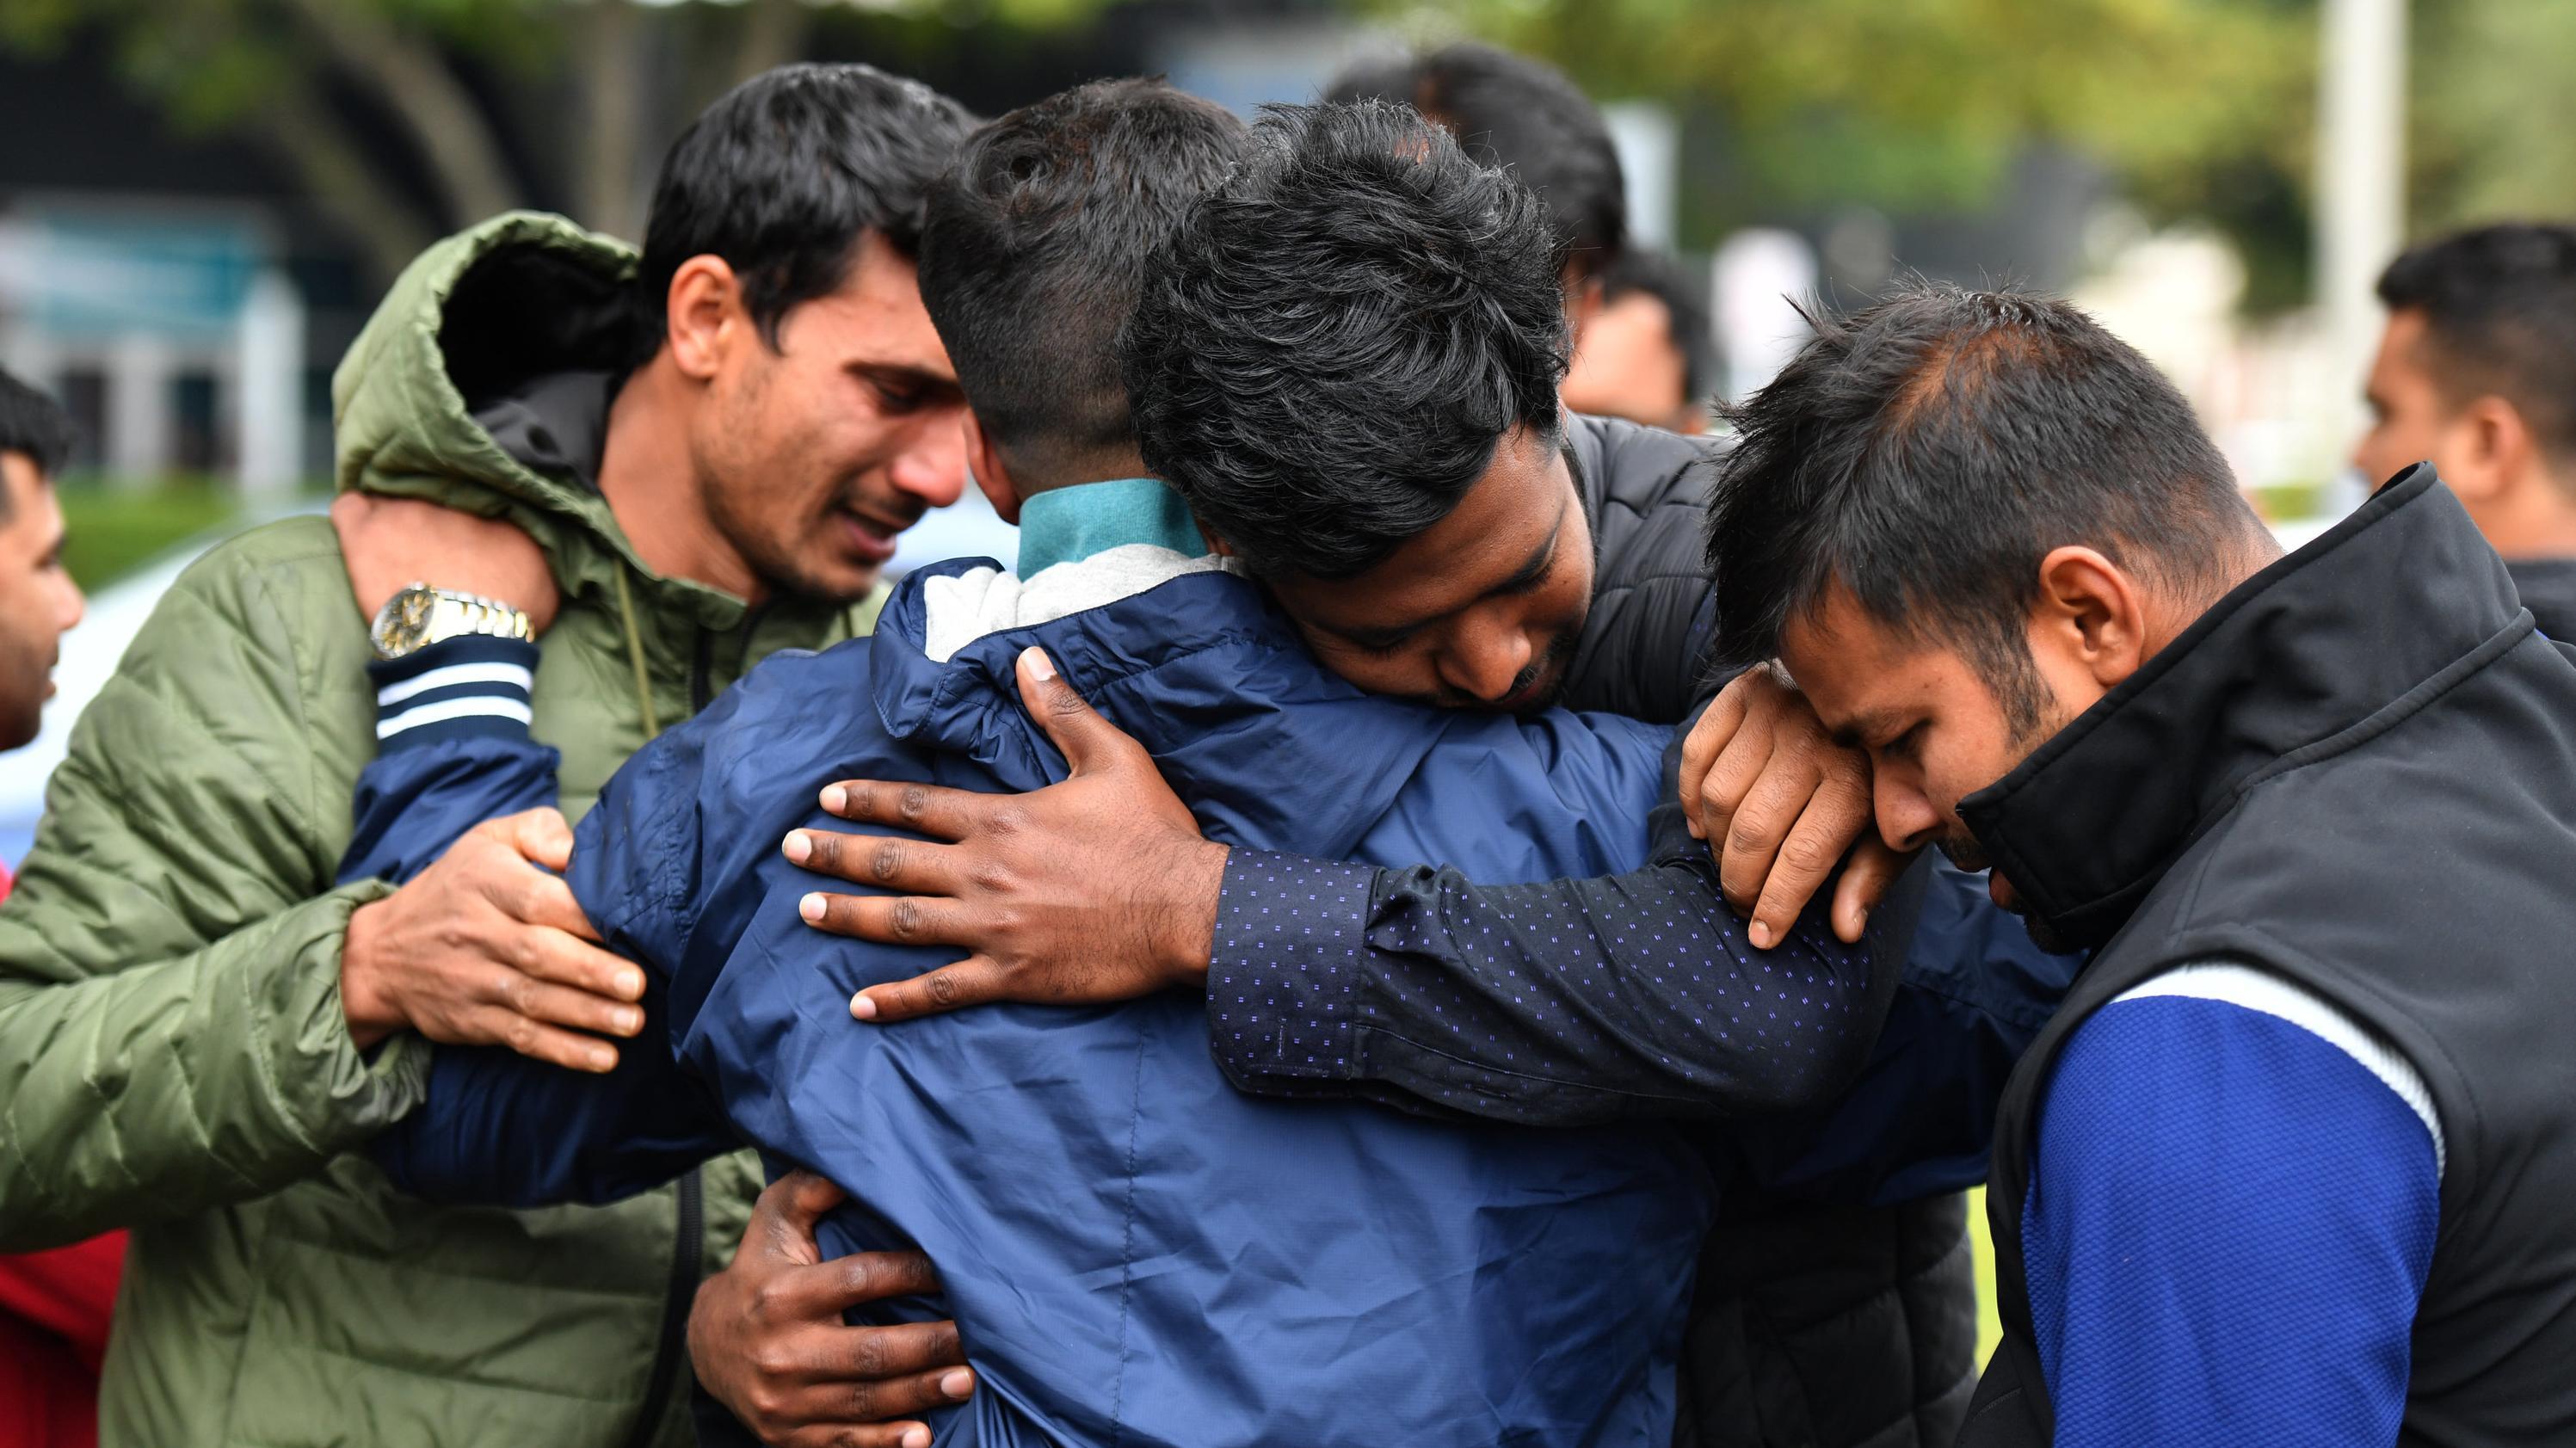 Viele der Opfer sind Flüchtlinge, die erst vor kurzem vor der Gewalt in Syrien und Afghanistan geflohen waren.